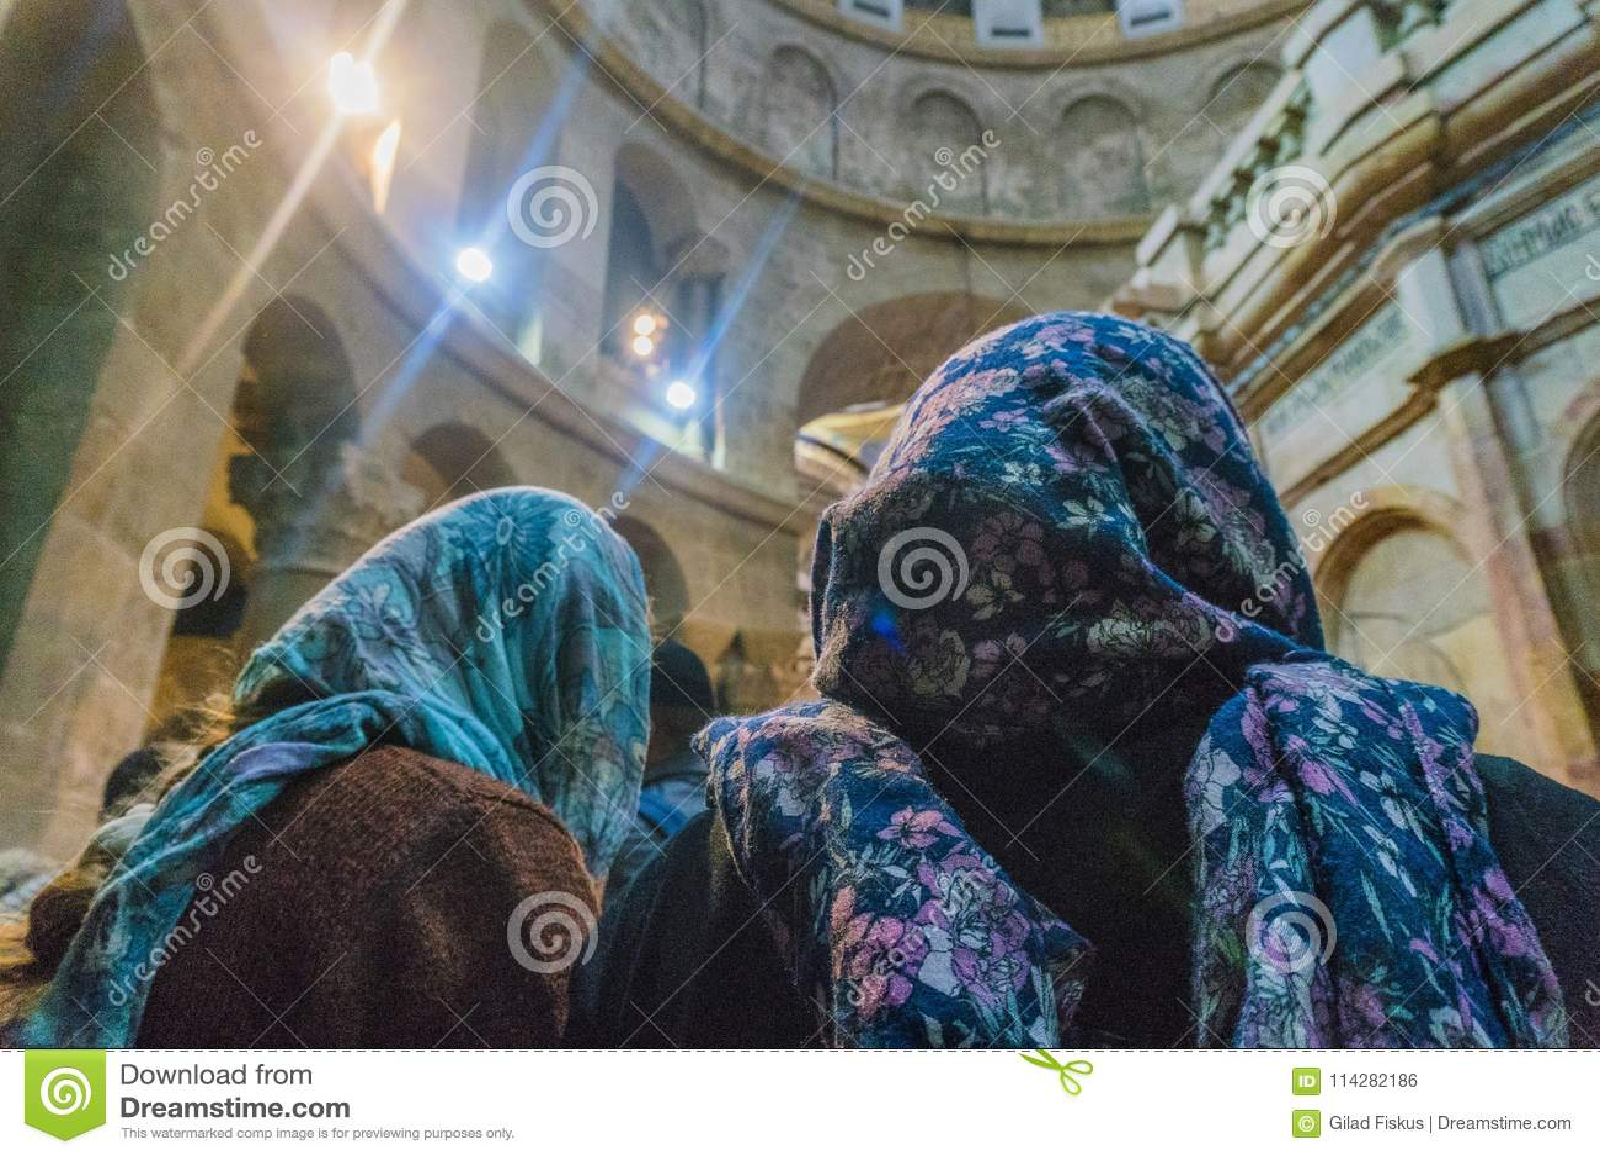 Οι προσκυνητές λατρεύουν τον Ιησού Χριστό στις Ορθόδοξες Εκκλησίες στην Ιερουσαλήμ κατά τη διάρκεια των διακοπών Πάσχας